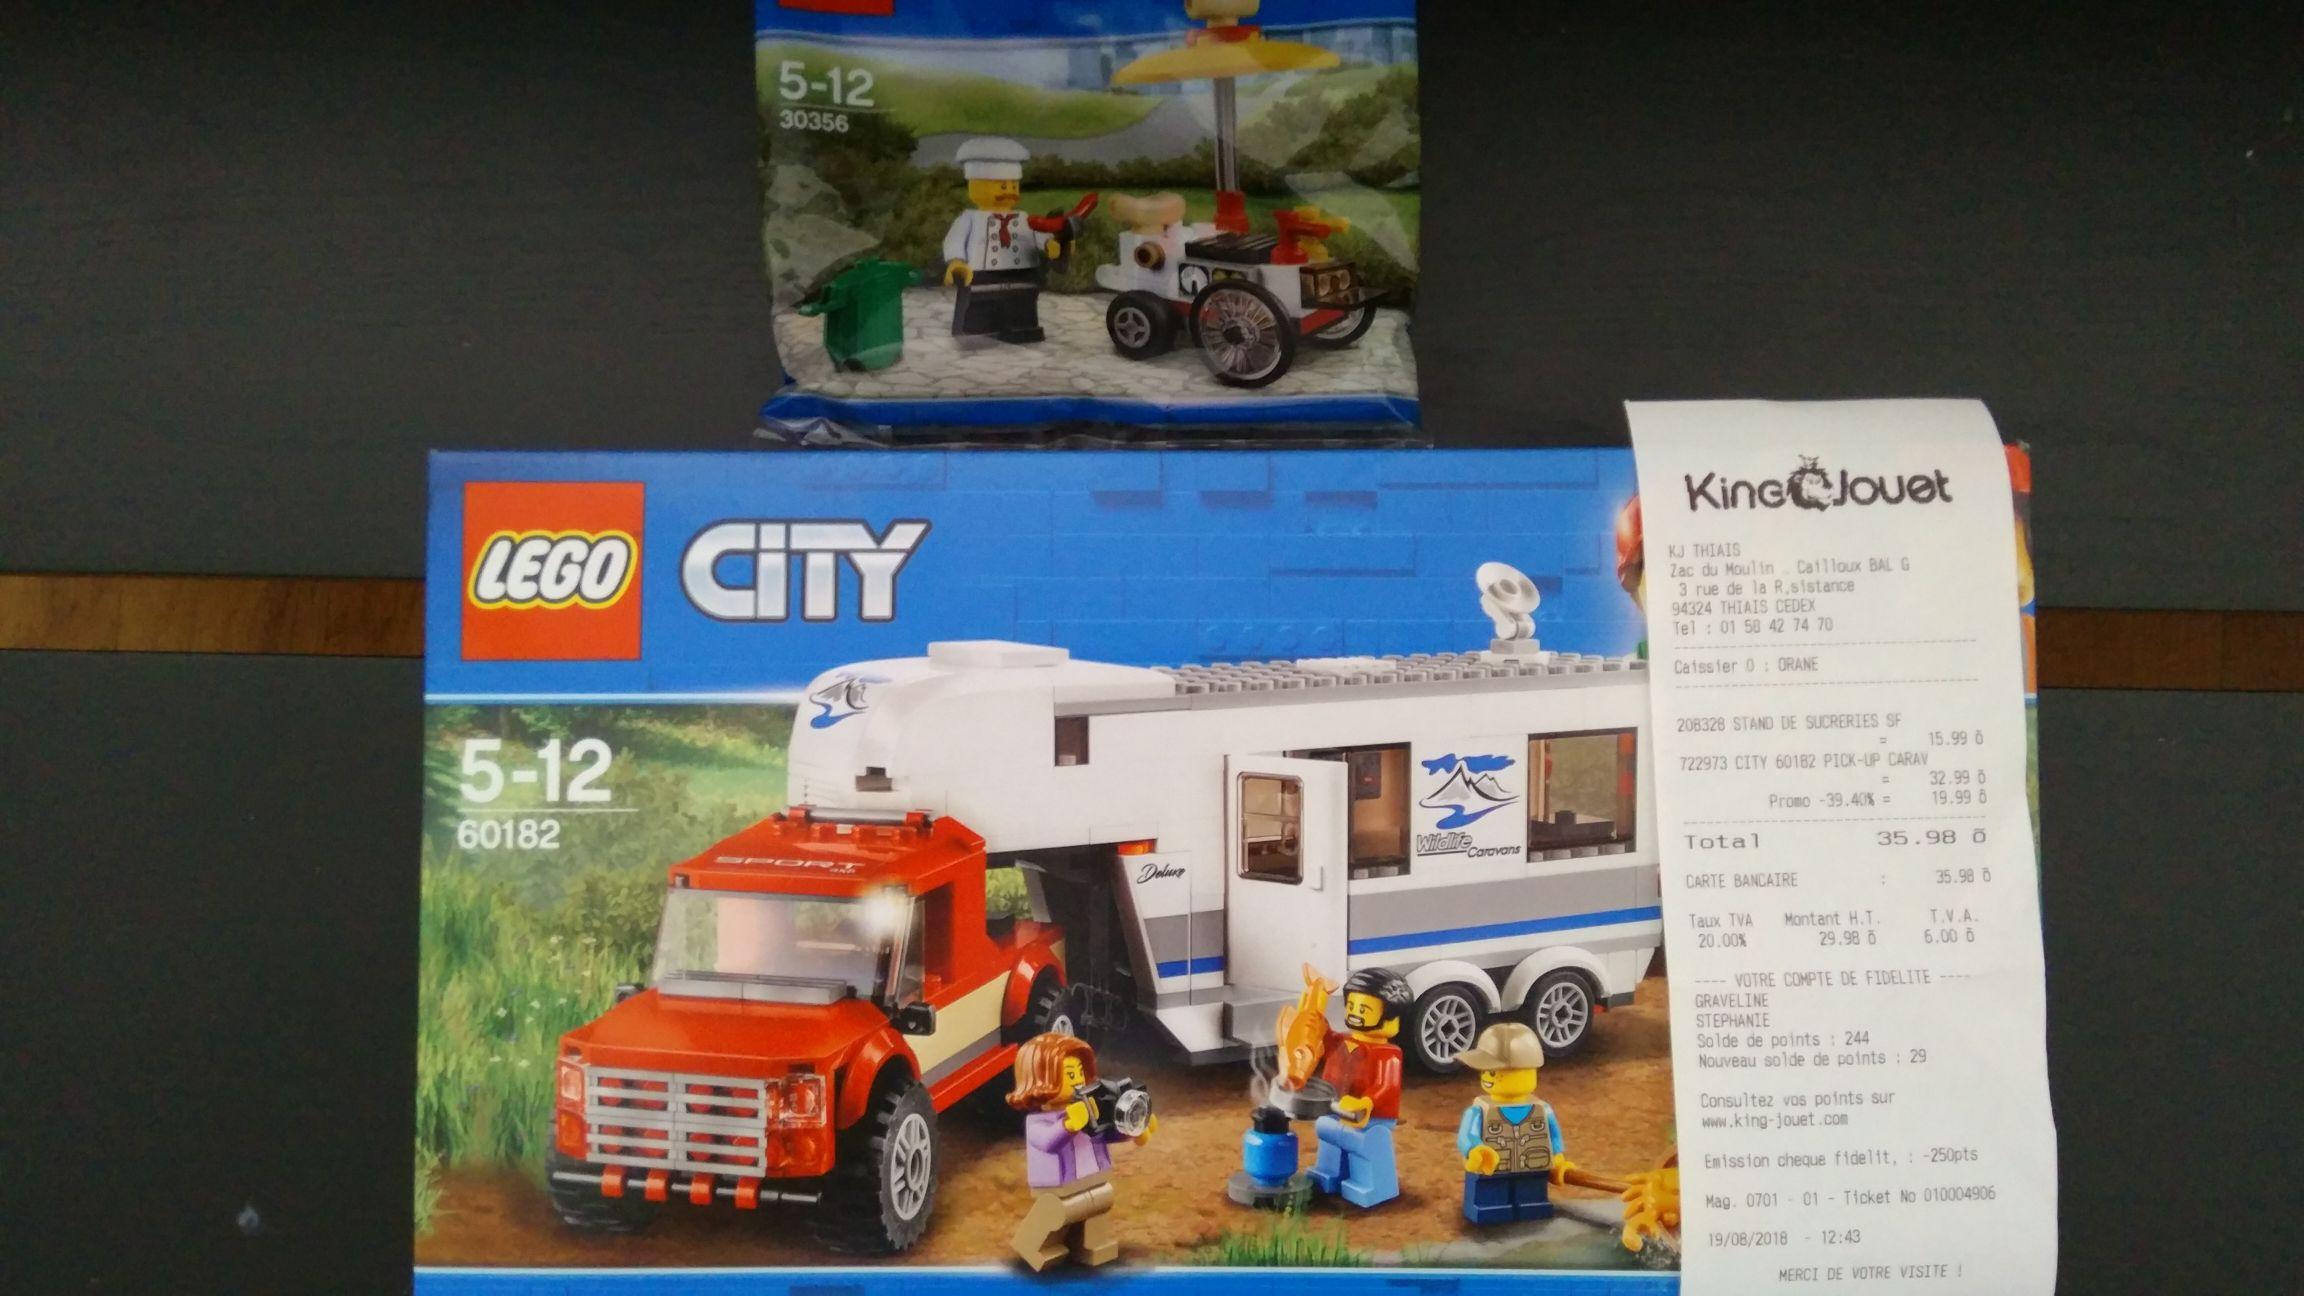 Lego City 60182 Le Pick-up et sa caravane + Lego 30356 Le stand de hot-dog offert - King Jouet Thiais village (94)